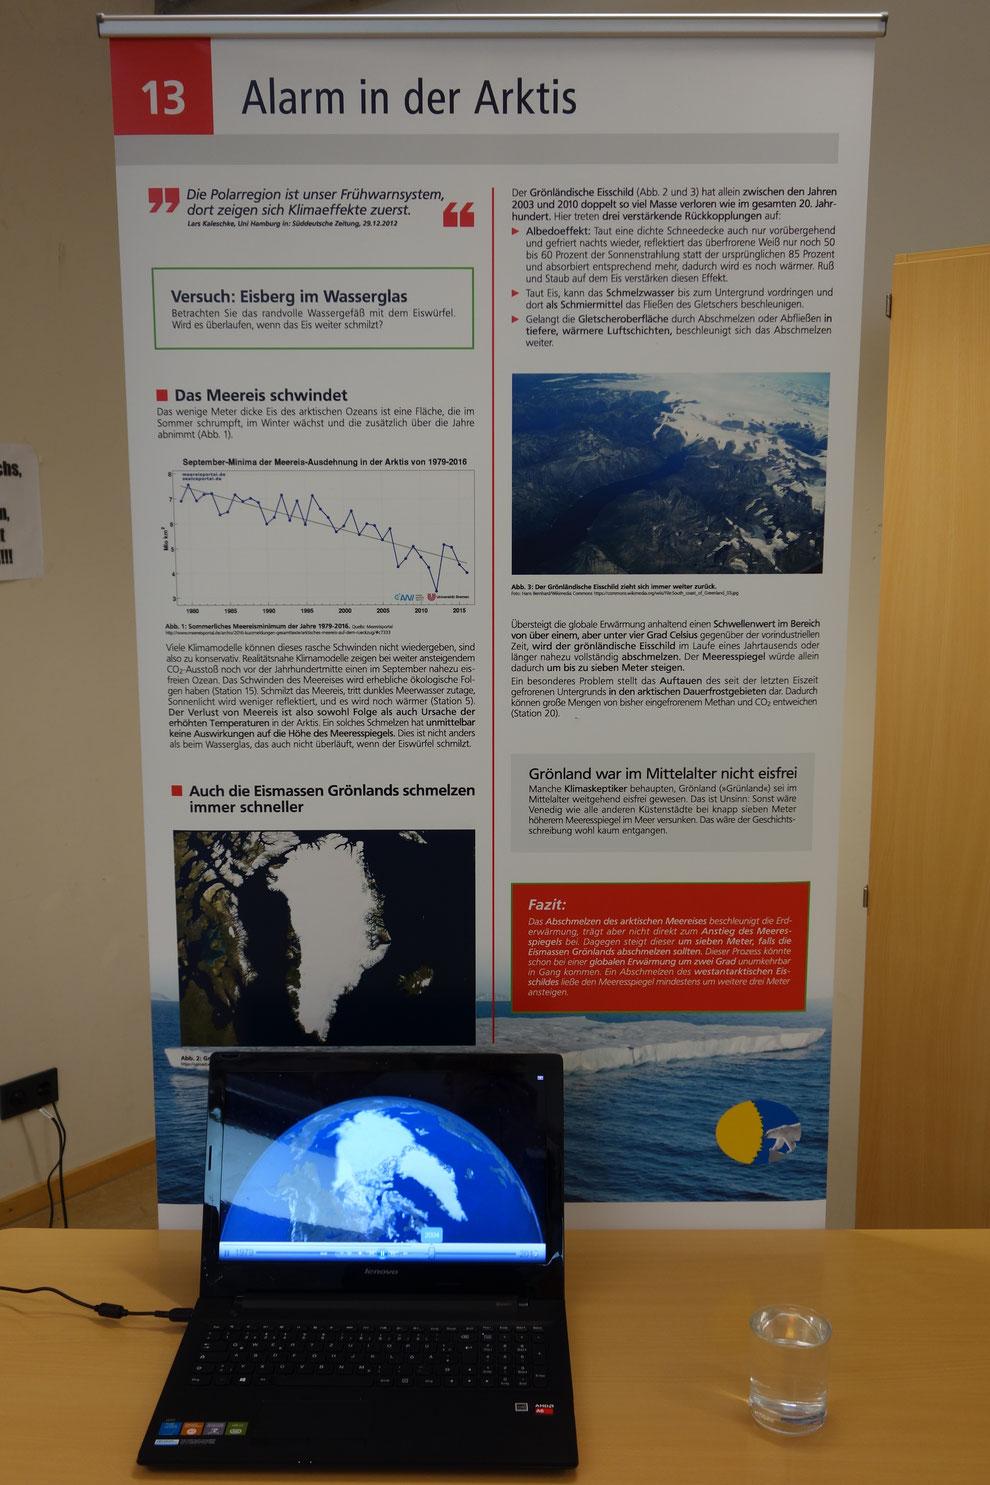 Das Video zeigt die zeiltliche Entwicklung der Ausdehnung des arktischen Meereises jeweils im September seit den 80er Jahren. Das Wasserglas zeigt: Schmilzt Eis, das auf dem Wasser schwimmt, läuft das Glas nicht über.